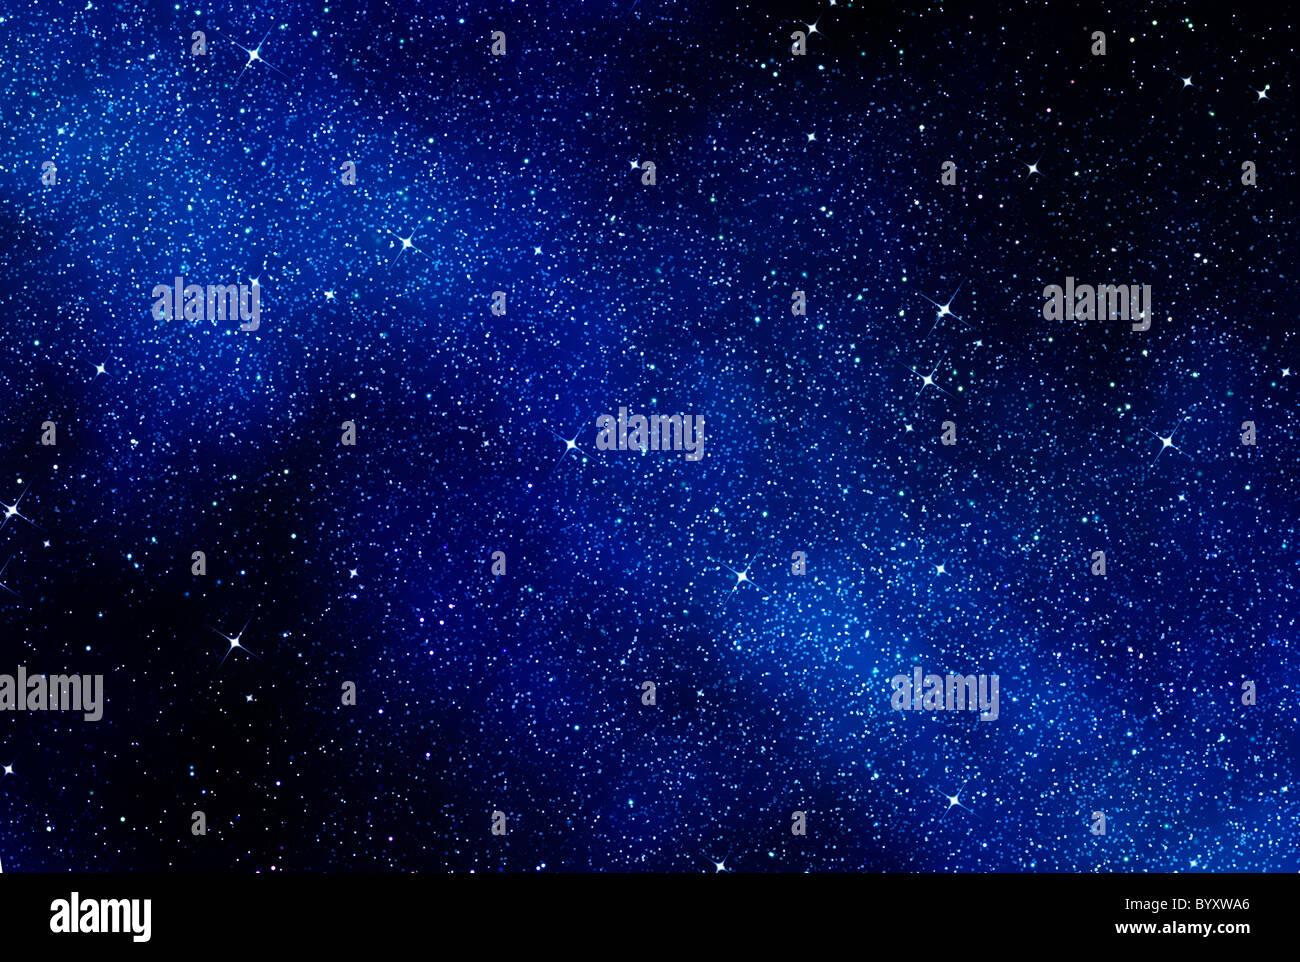 tolles Bild von Raum oder ein Sternenhimmel Stockfoto